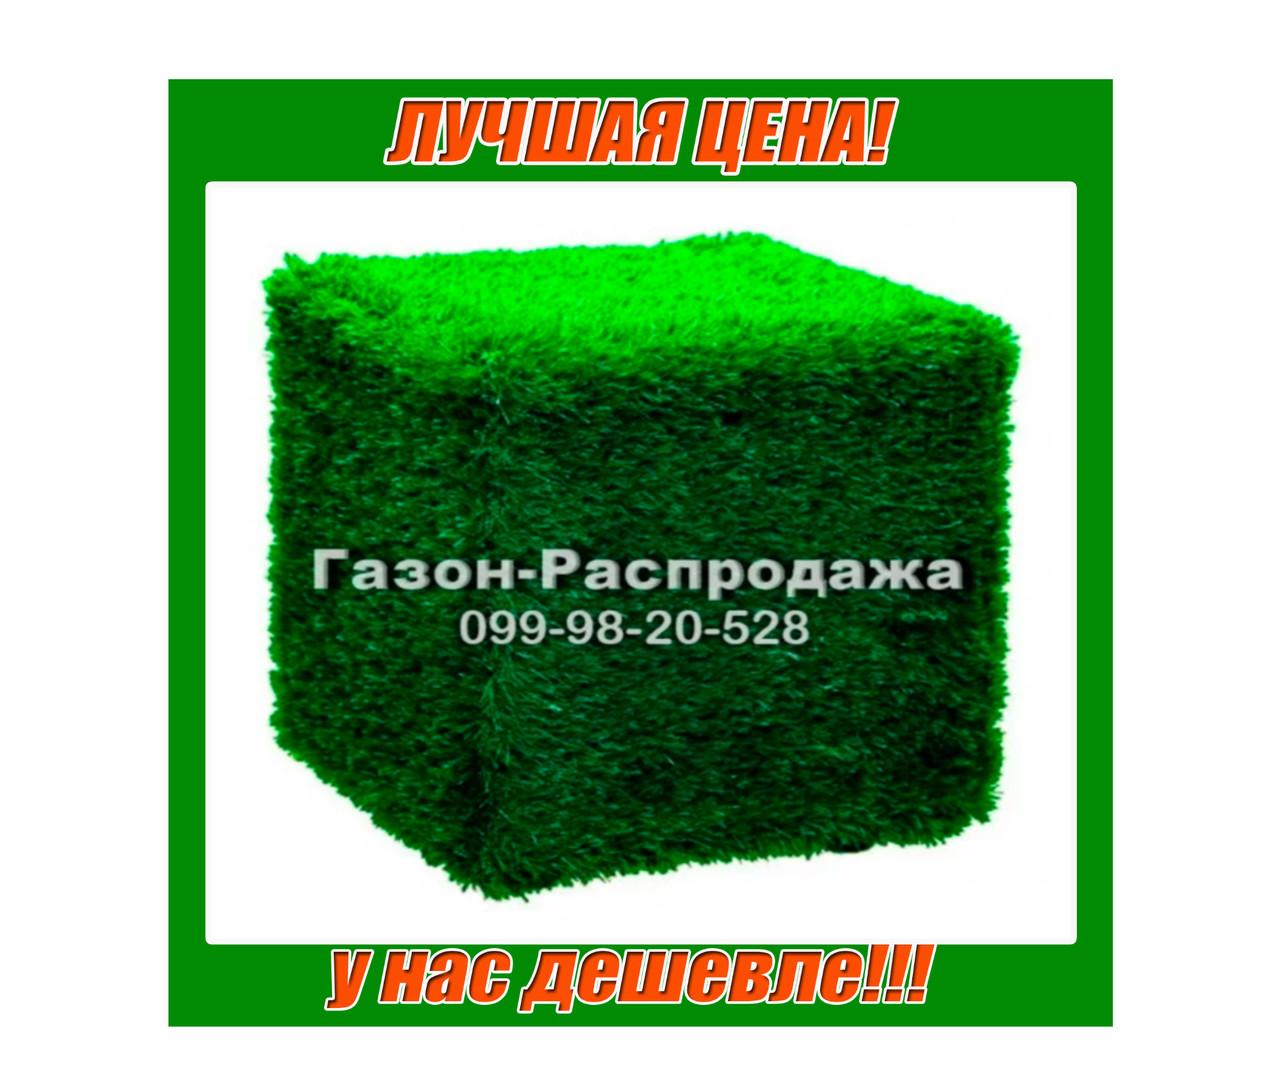 70грн/кг мешок 25кг Газон-Распродажа 2021 семена газонных трав оптом по низким ценам